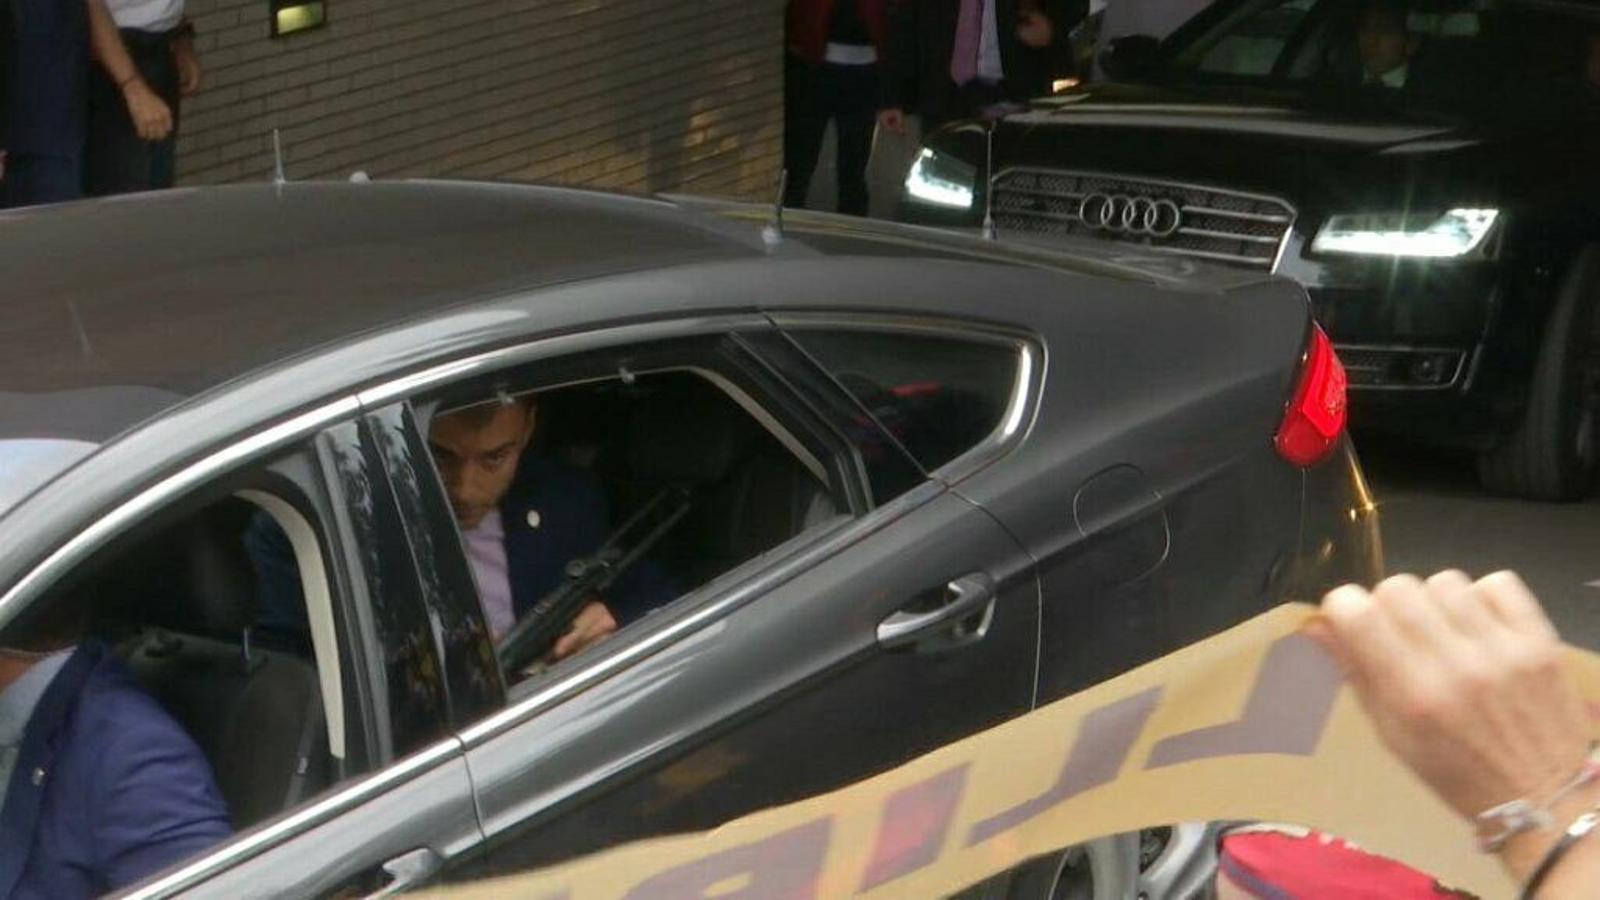 Un escorta de Sánchez ensenyant un subfusell des de dins el cotxe